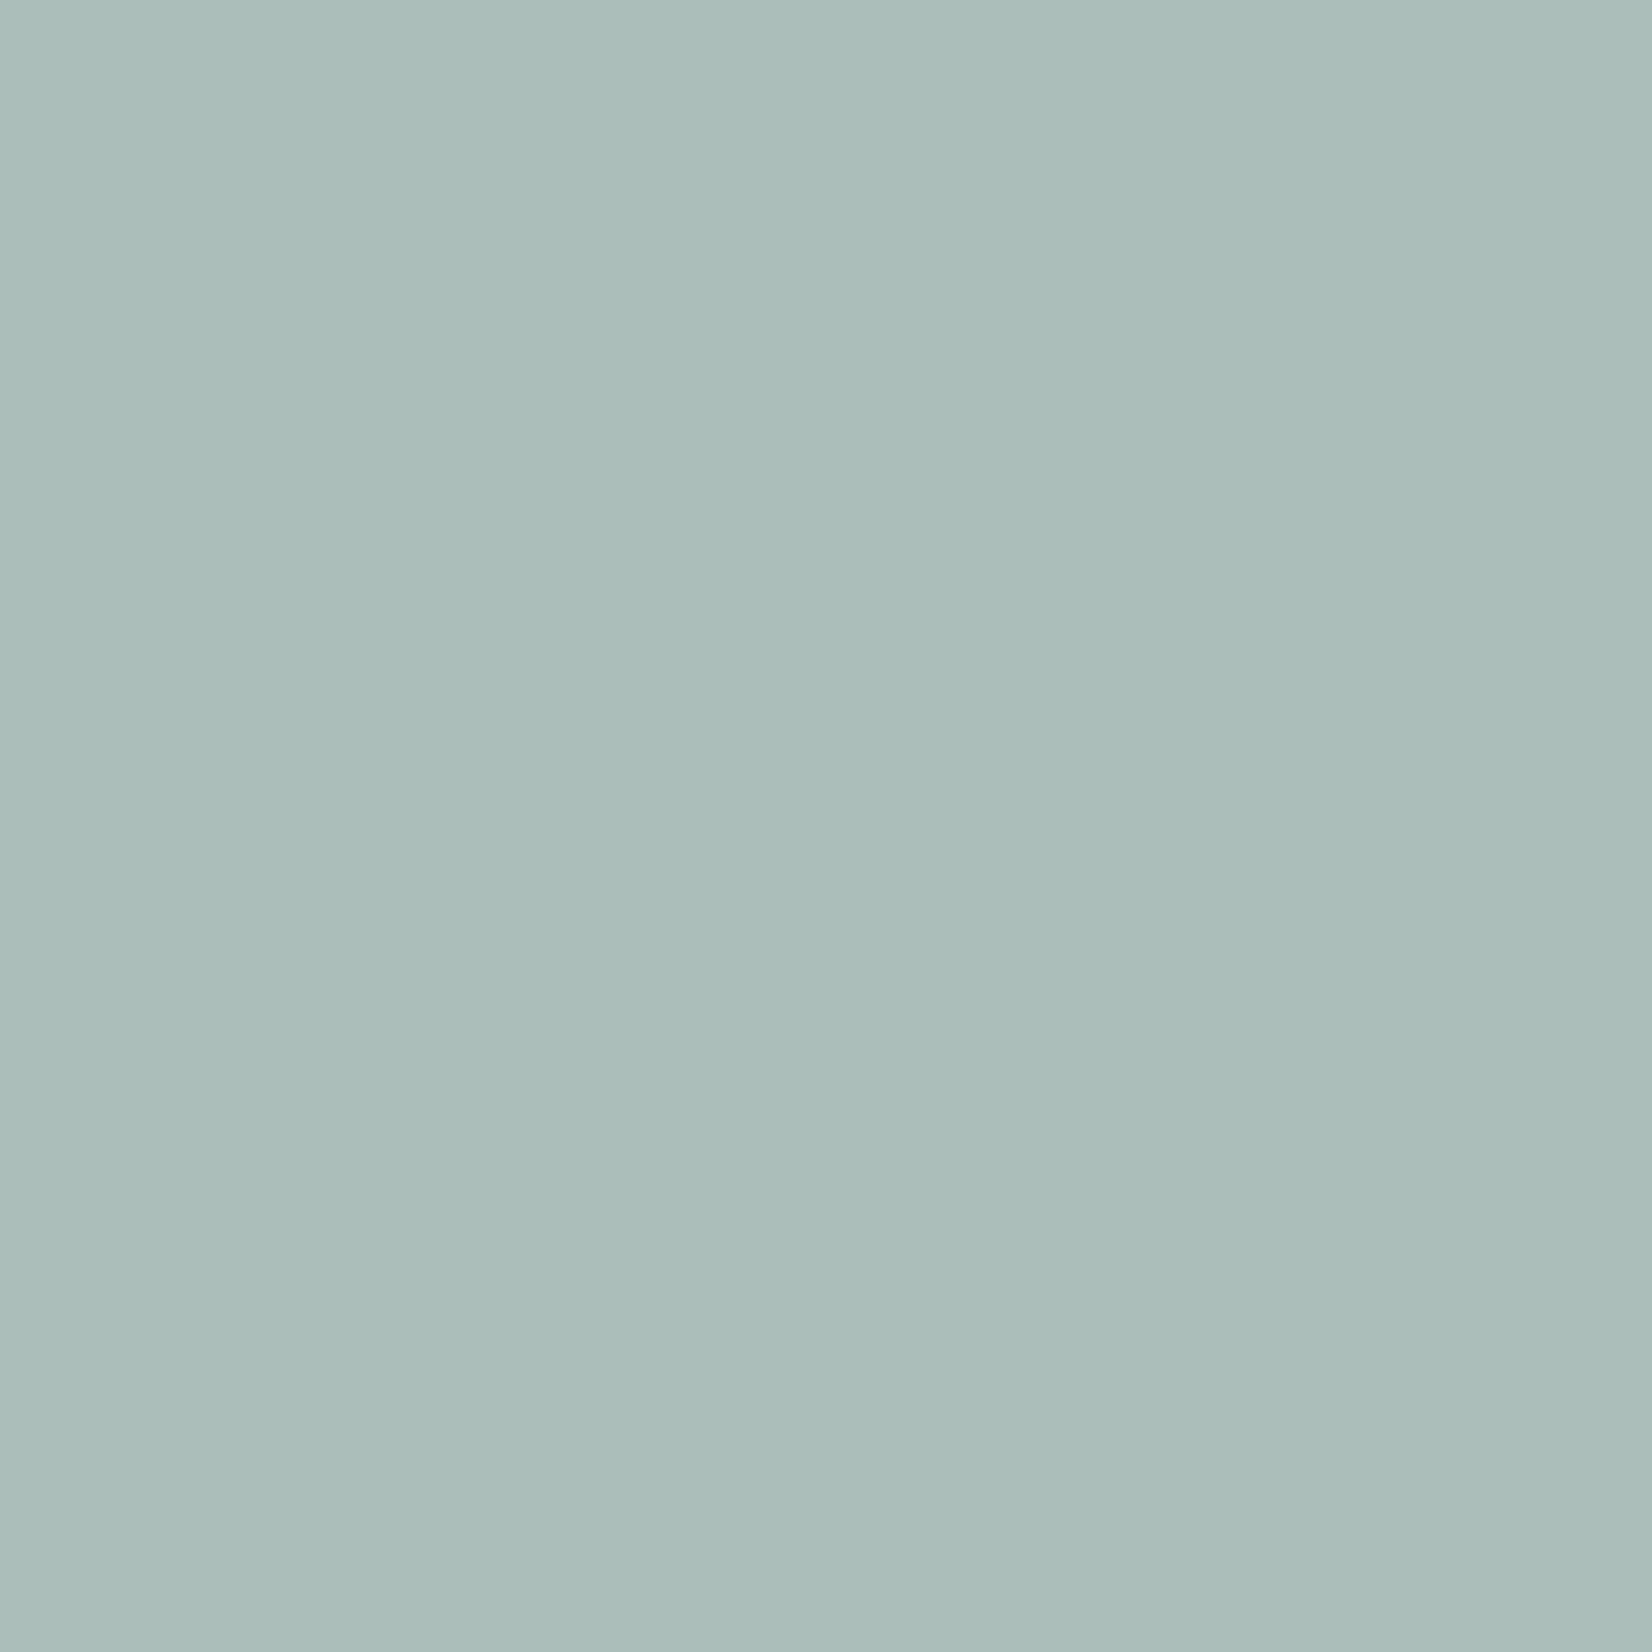 Tilda Tilda Basics Solids, Blue Sage - per cm or $20/m